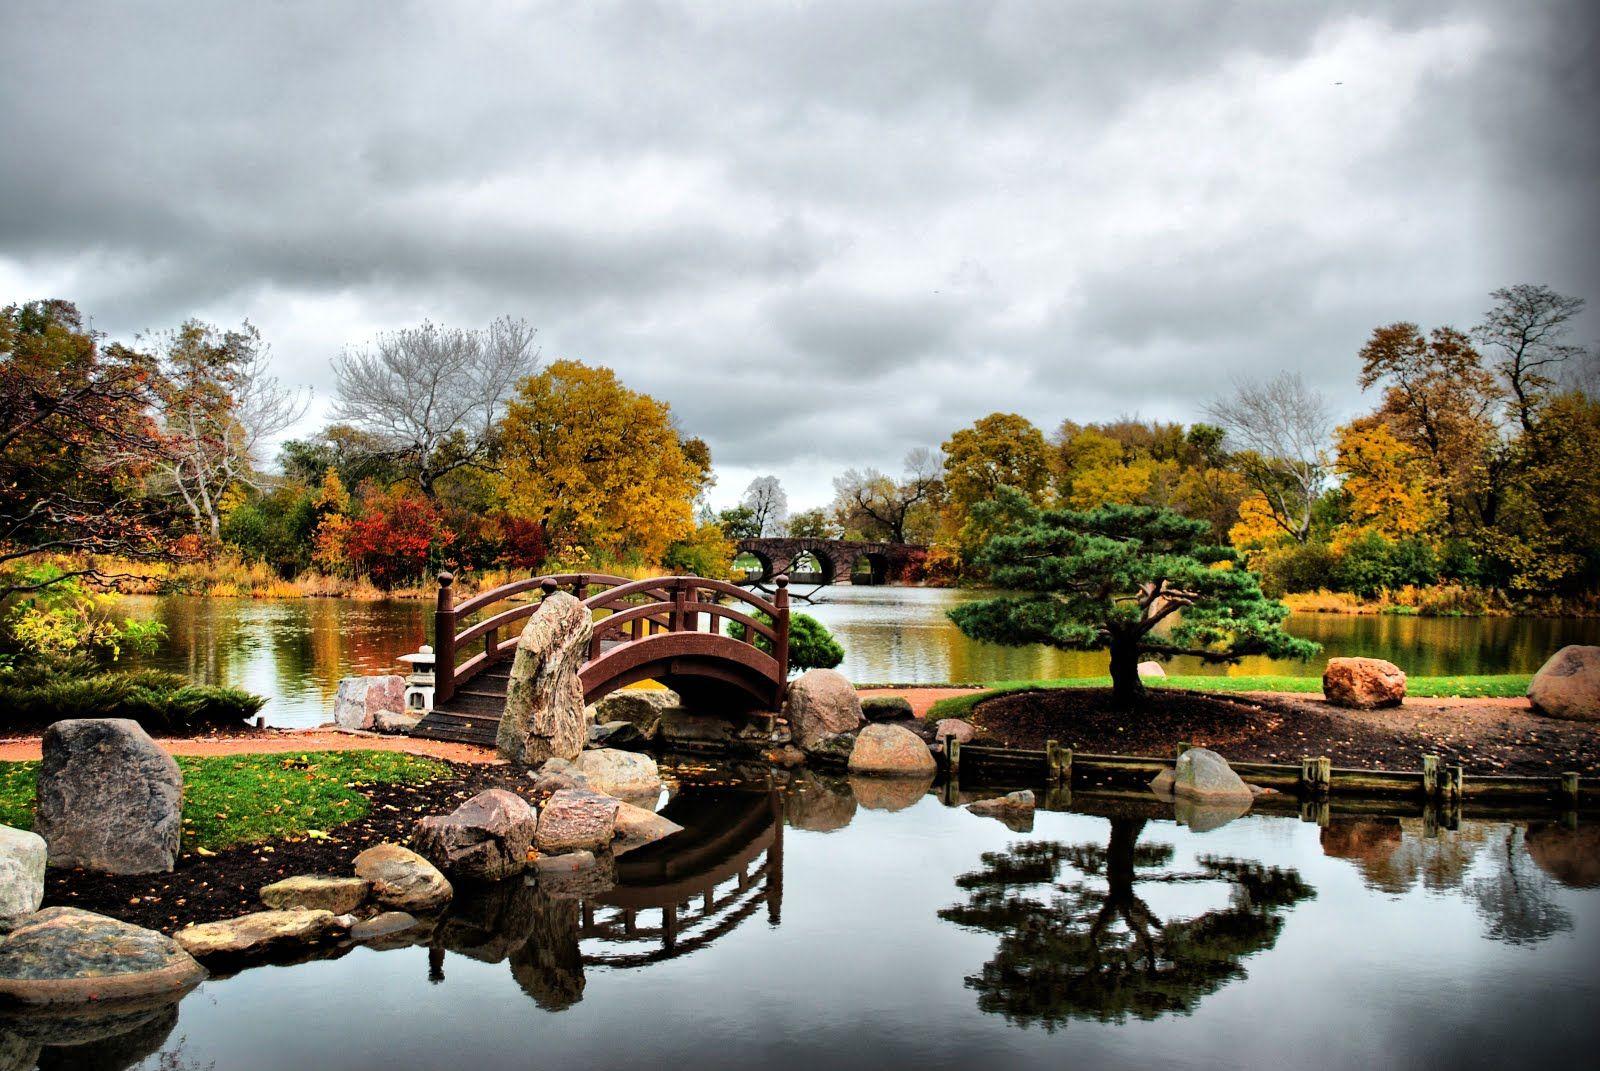 ので、平和的な... Jardin japones, Jardin chino, Paisaje japon